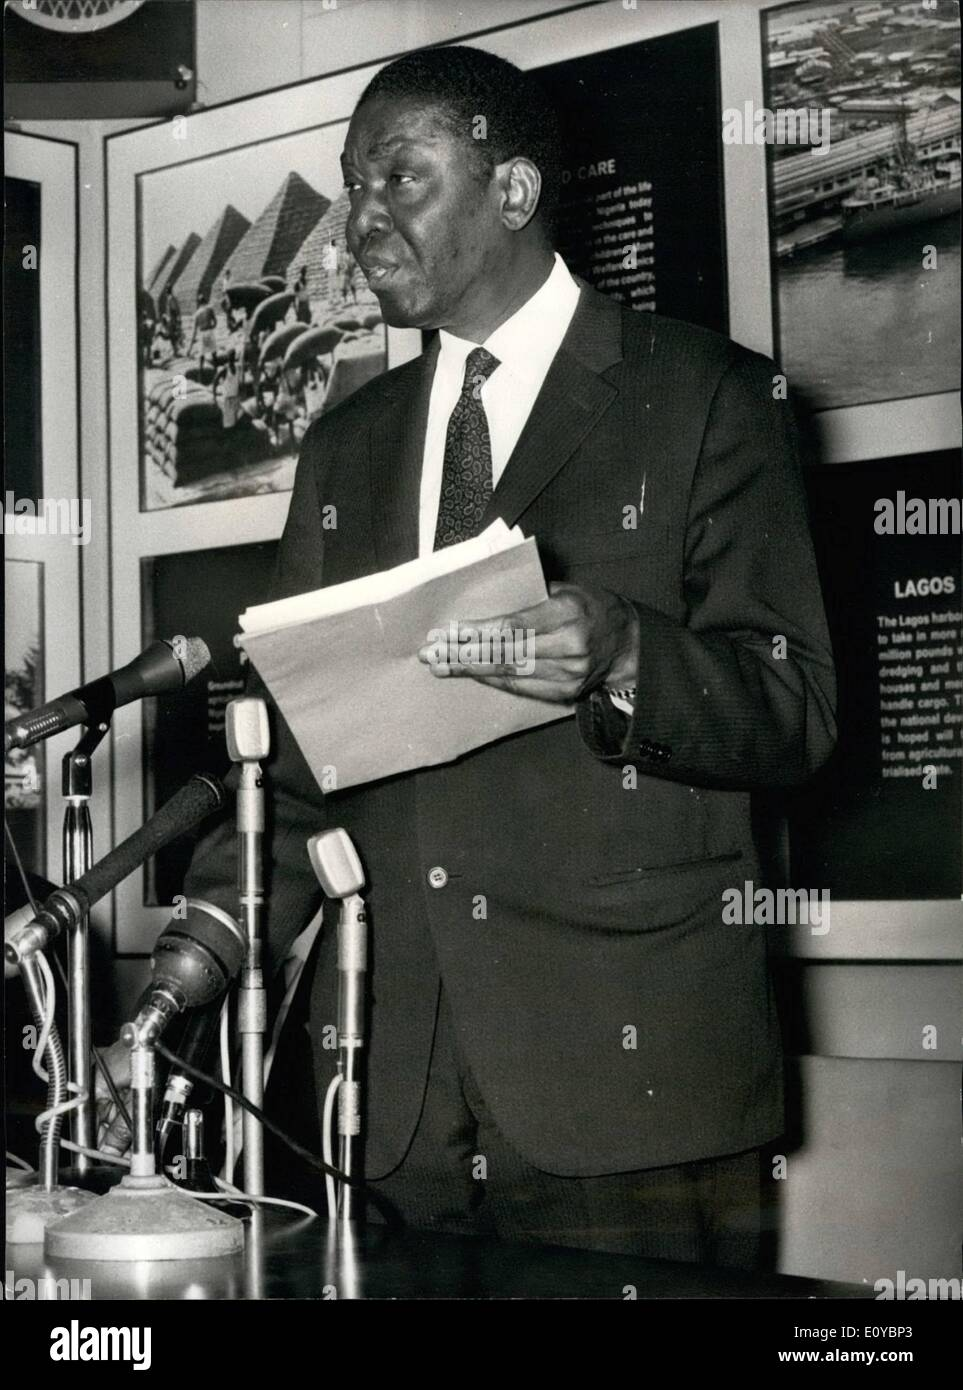 Agosto 08, 1969 - El ex Presidente de Nigeria anuncia su decisión de renunciar al Coronel Ojukwu la causa: un golpe contundente contra el Coronel Ojukwu. rebe; ;lector breakaway de Biafra en la Guerra Civil de Nigeria, fue entregado hoy en Londres. Venía Nnamdi Azikiwe - la formidable ''Dr. Zik'' - Primer Presidente Federal de Nigeria, que más tarde pasaron a convertirse en un miembro dominante del cerebro-trust Ojukwu librando la guerra. El ex-presidente Azikiwe anunció desde la Alta Comisión Nigeriana bombón su decisión de renunciar al Coronel Ojukwu la causa. La foto muestra el Dr. Imagen De Stock